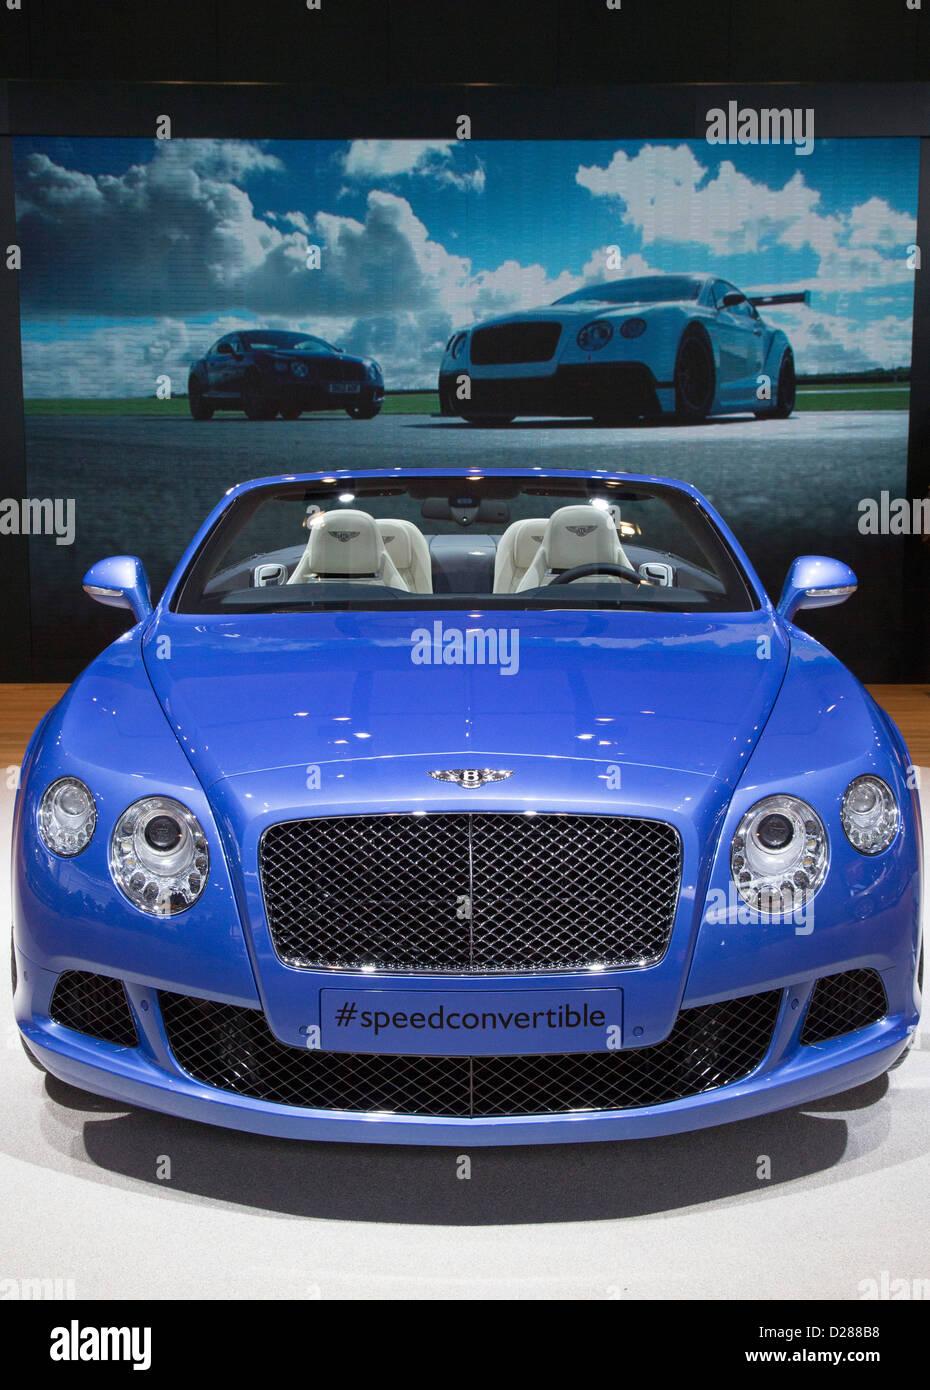 Der Bentley Continental GT Speed Convertible auf dem Display auf der North American International Auto Show Stockbild